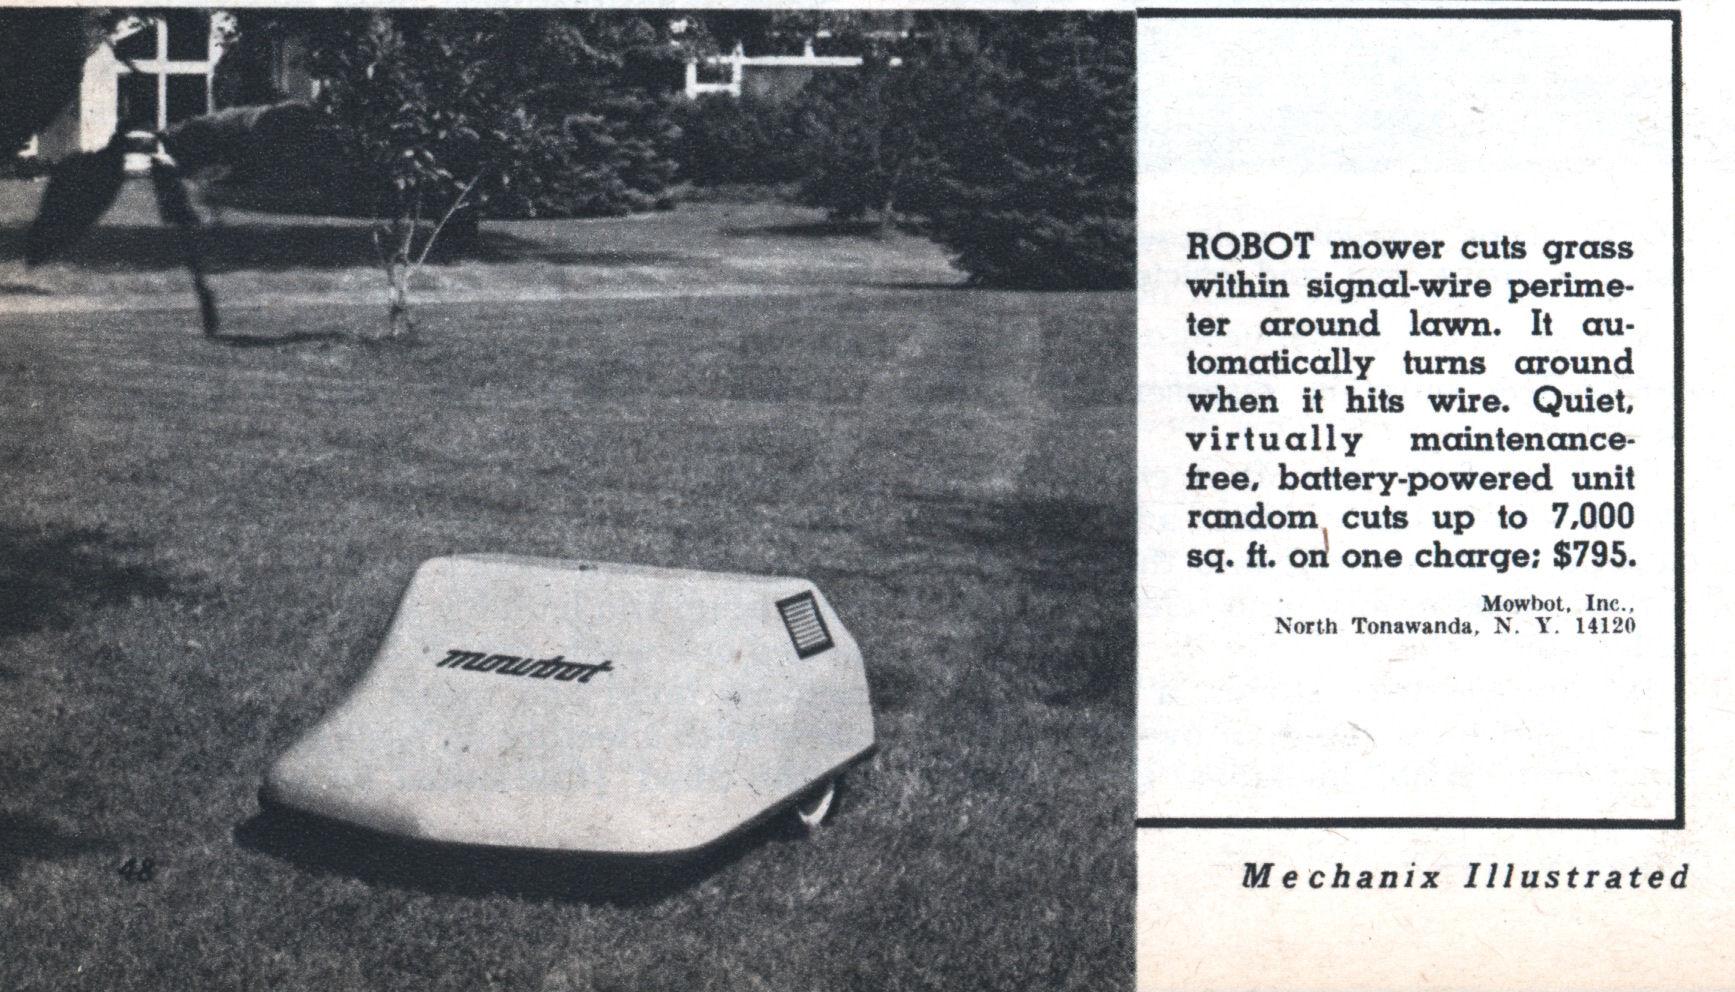 Mowbot Modern Mechanix